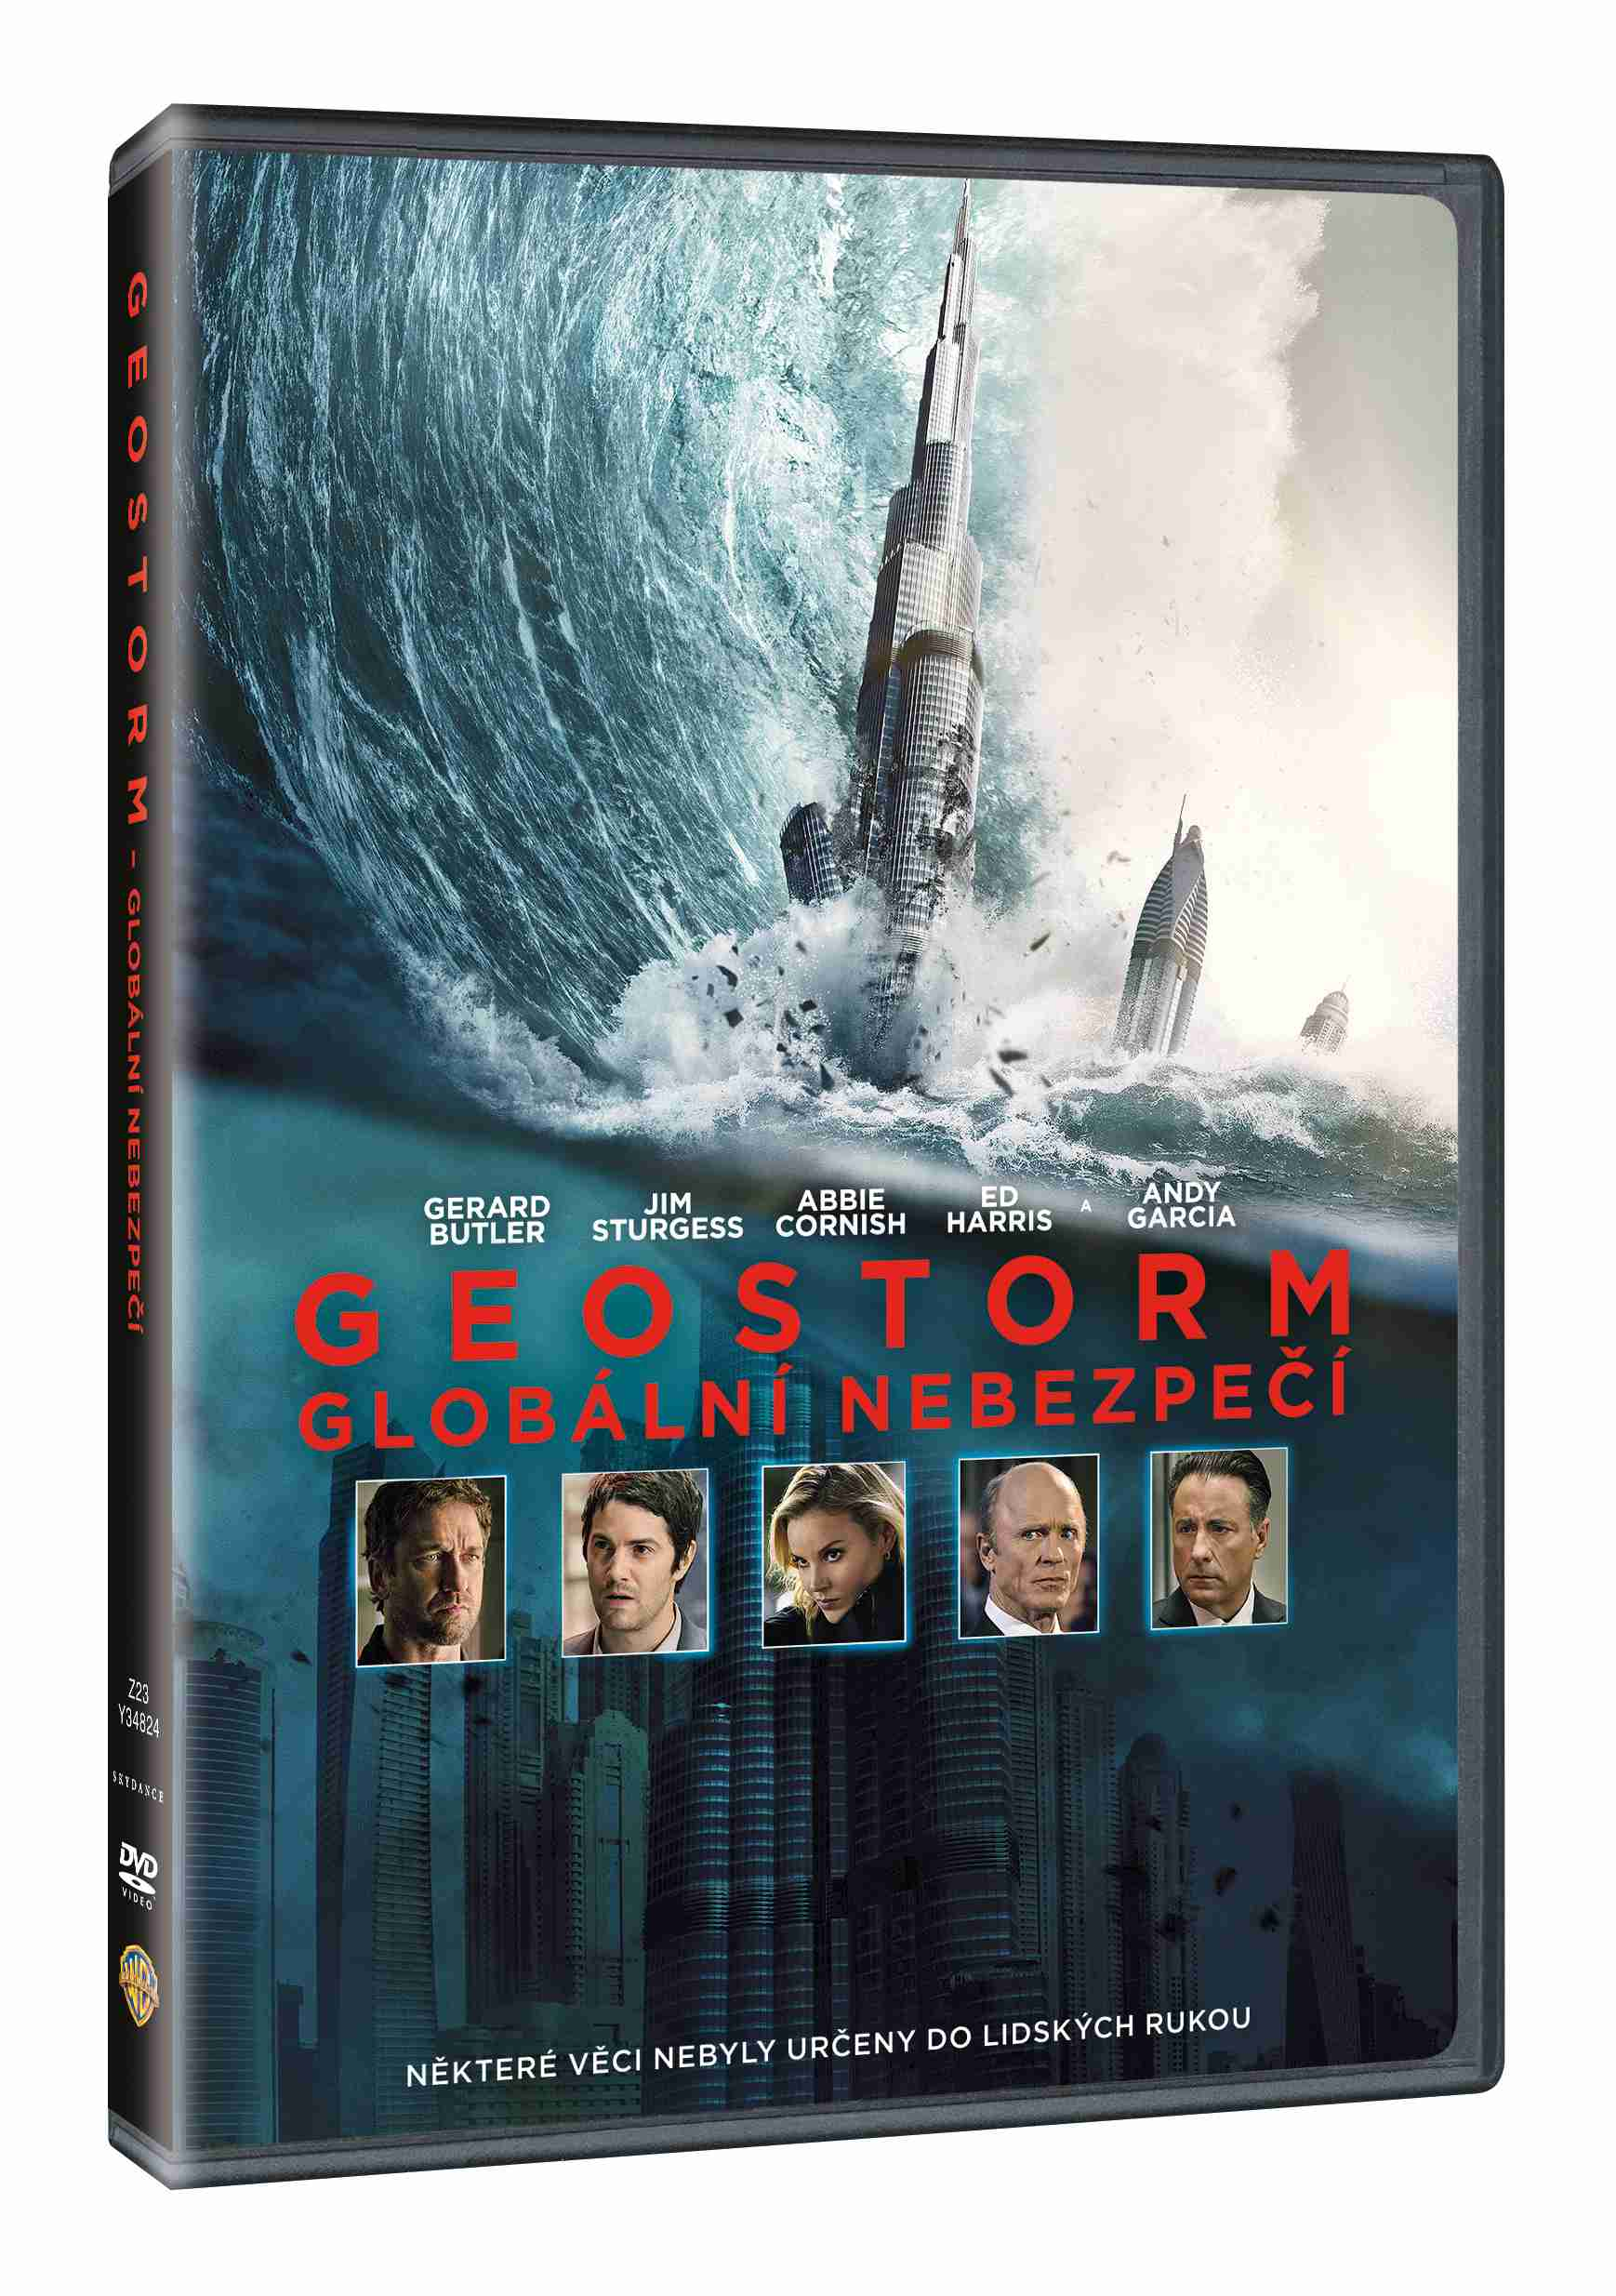 Geostorm: Globální nebezpečí - DVD